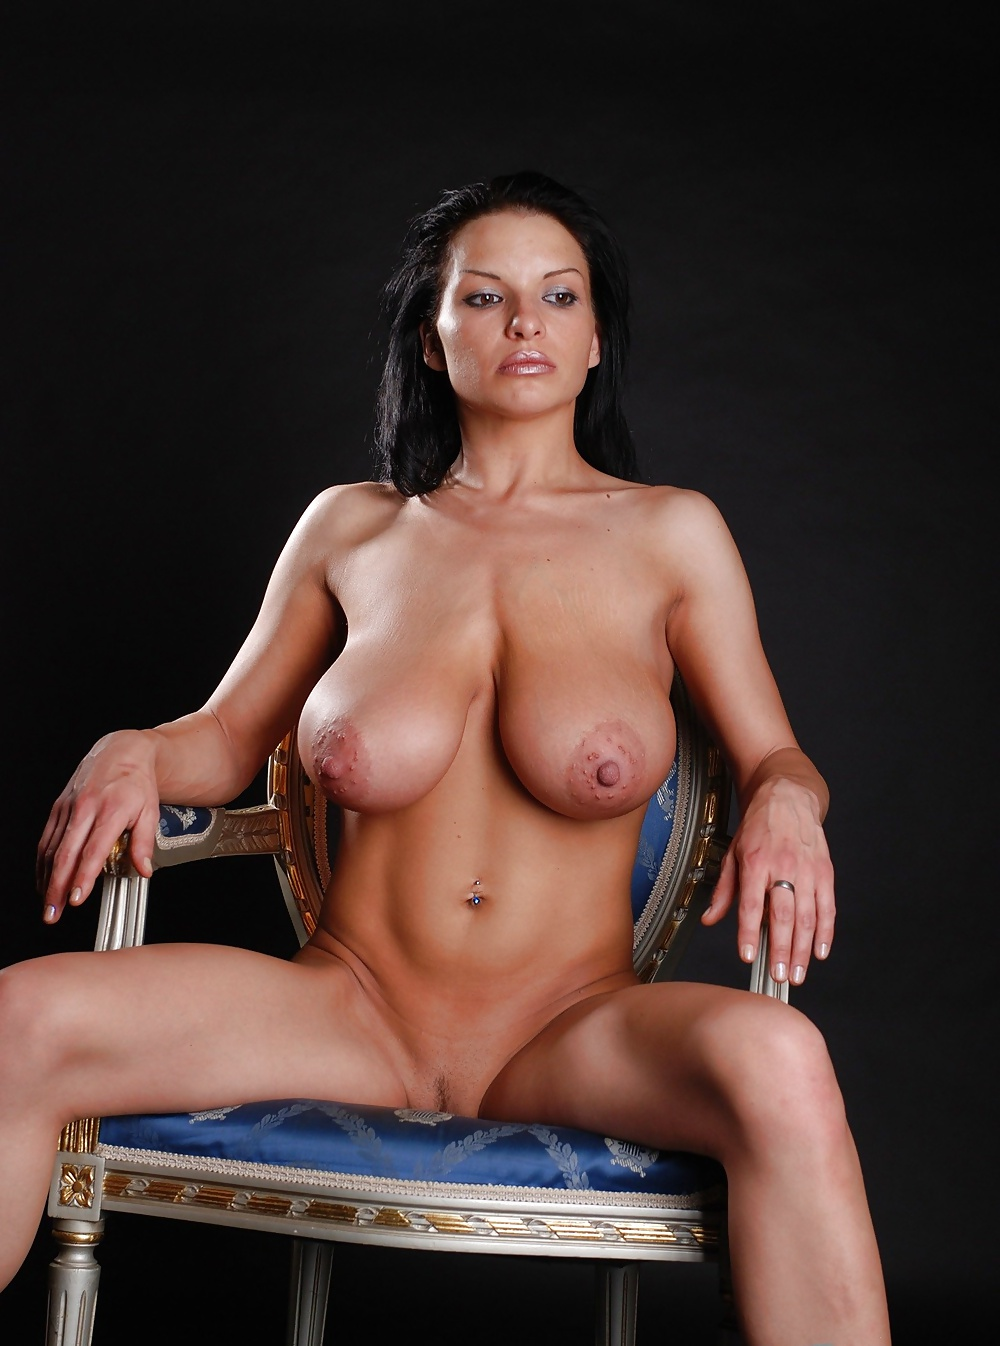 Aksana Big Boobs